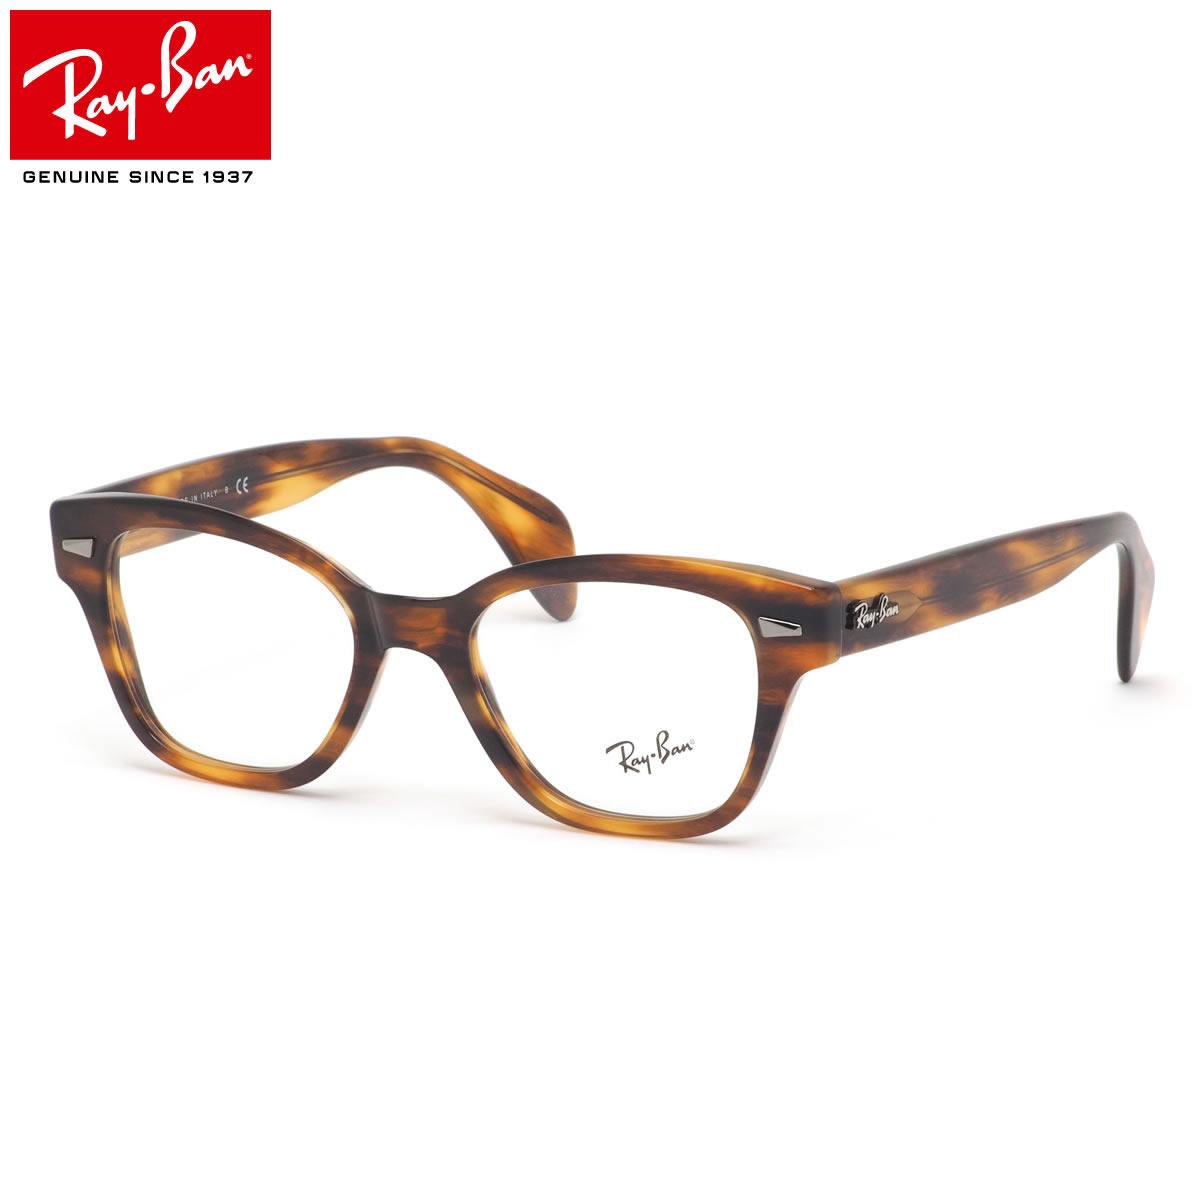 レイバン 高品質新品 メガネ 正規商品販売店 永遠の定番モデル 14時までのご注文で即日発送 日本全国送料無料 ギフトバッグ コンビニ手数料無料 Ray-Ban RX0880 レディース べっ甲 デミ 縞 レイバン純正レンズ対応 ササ メンズ 49 2144